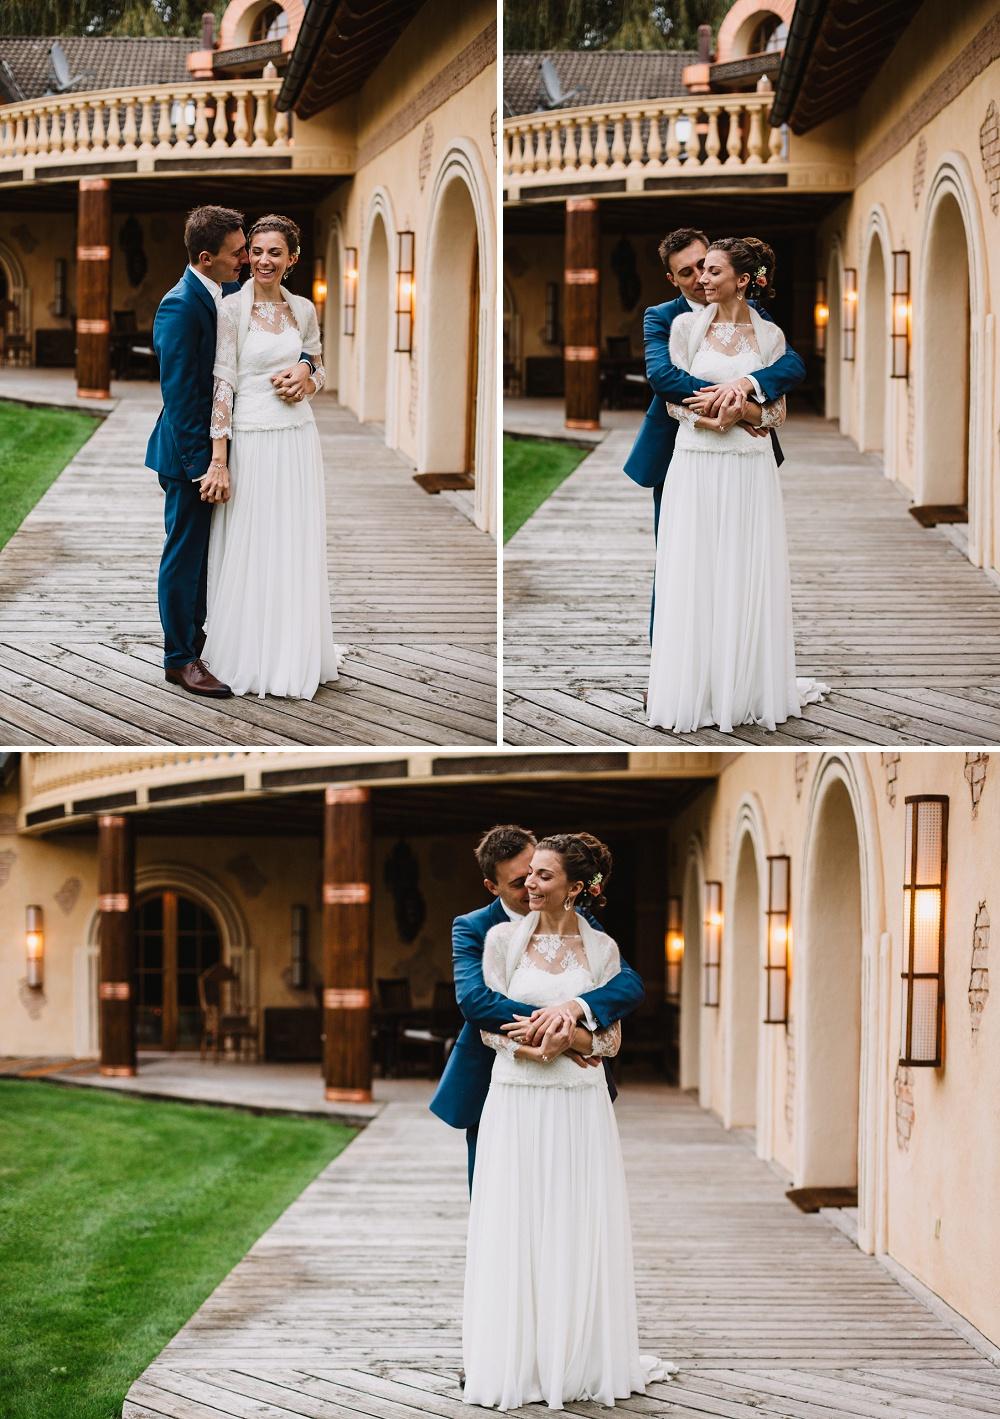 mariage-allemagne-molino-17.jpg